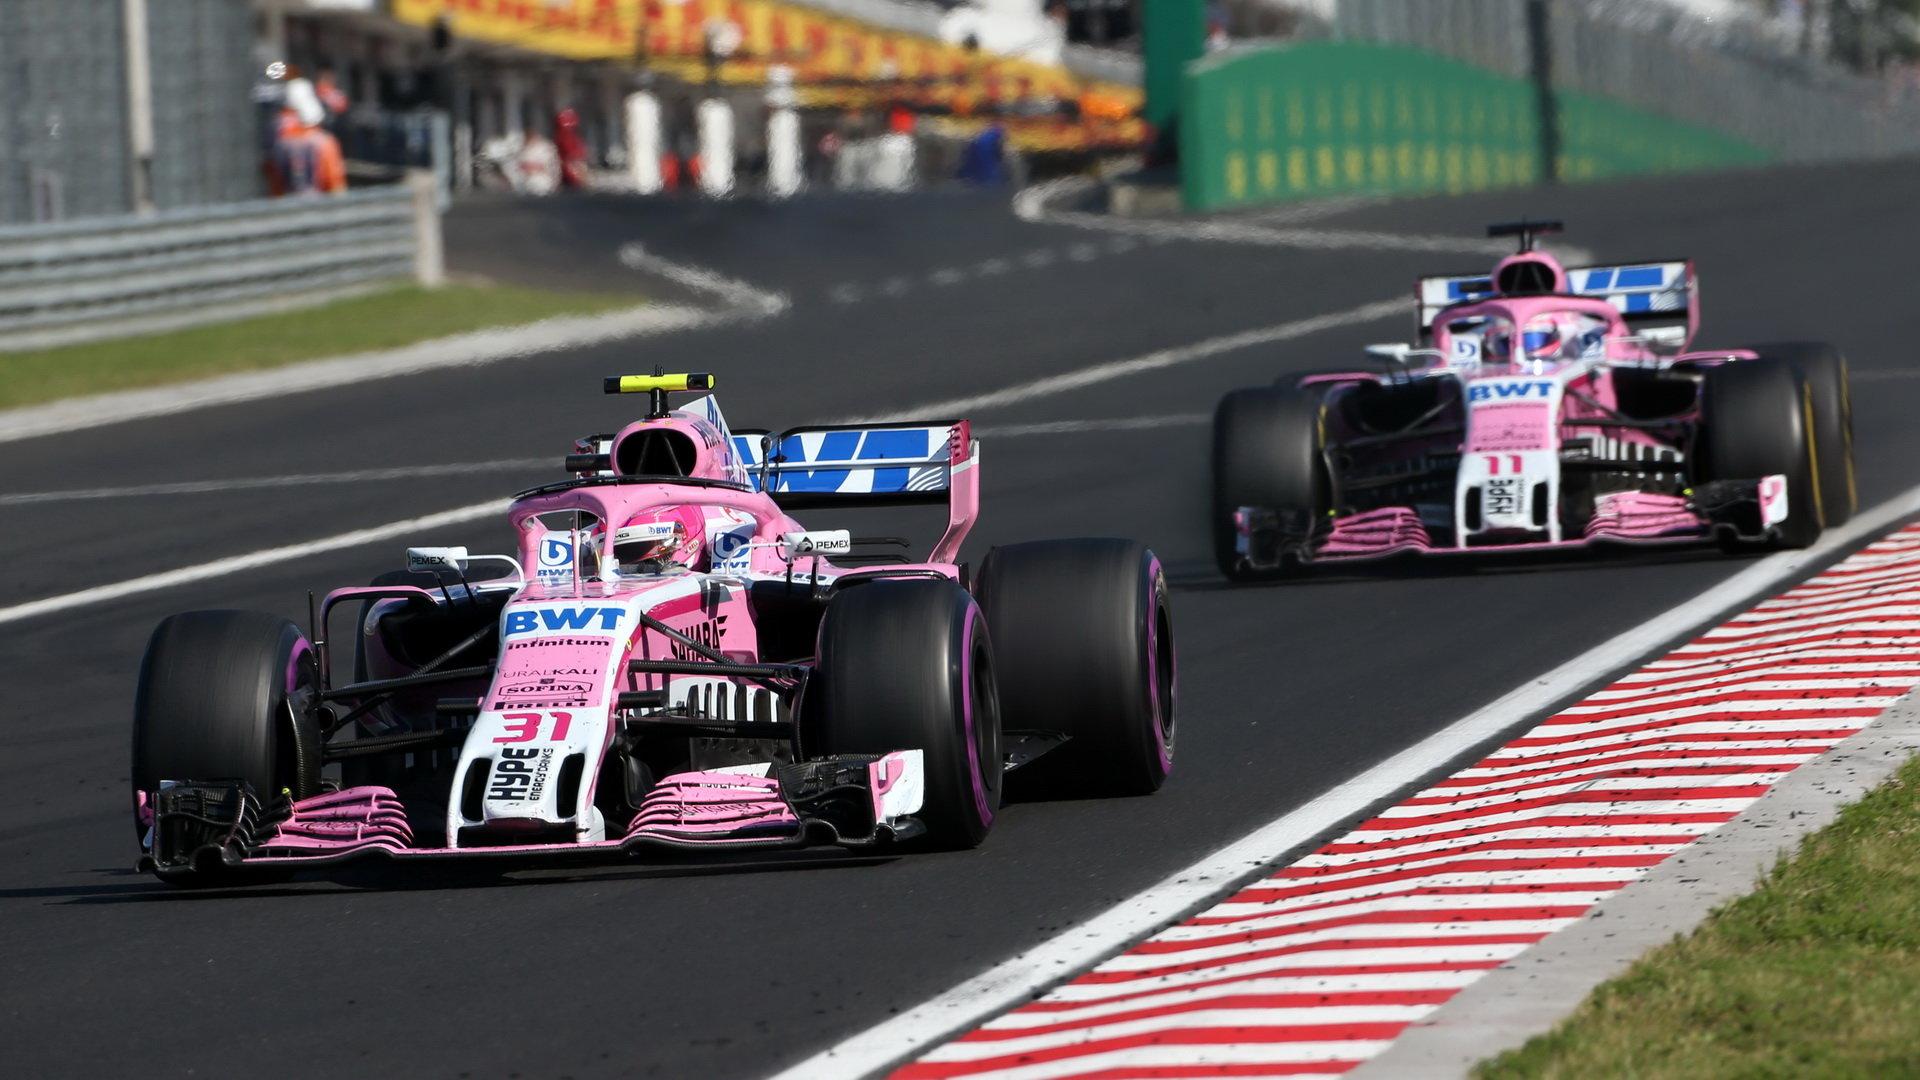 Esteban Ocon a Sergio Pérez připravili tým o část bodů svými zbytečnými souboji, které občas skončily vzájemnou kolizí